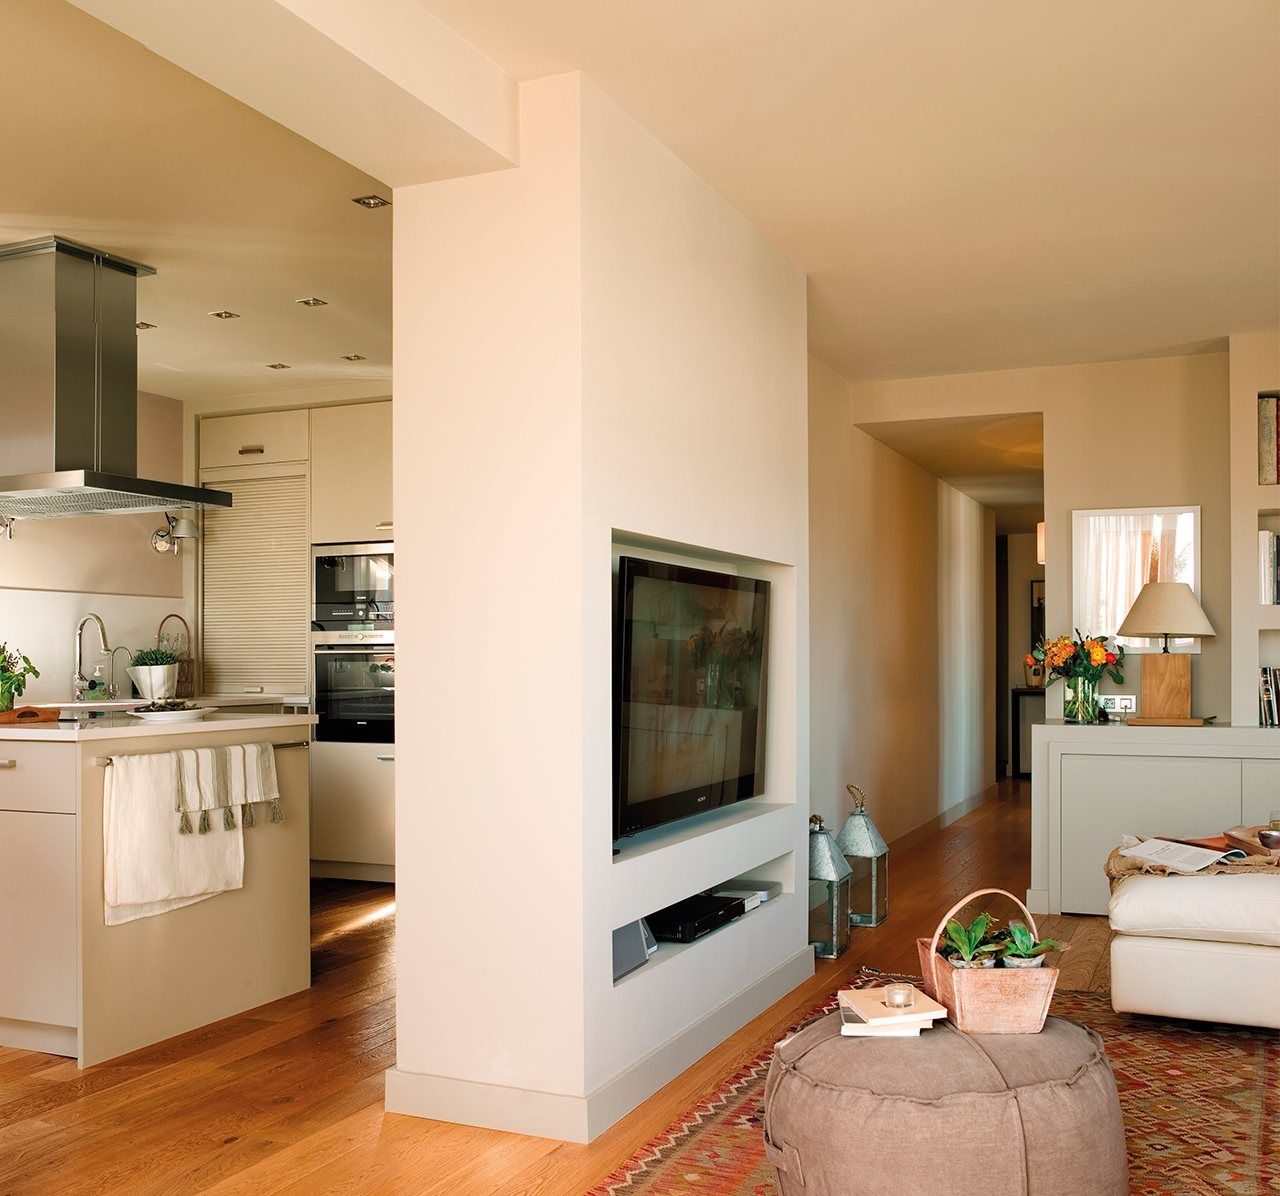 Estudi los metros y aprob con la mejor nota - Reformas pisos pequenos ...